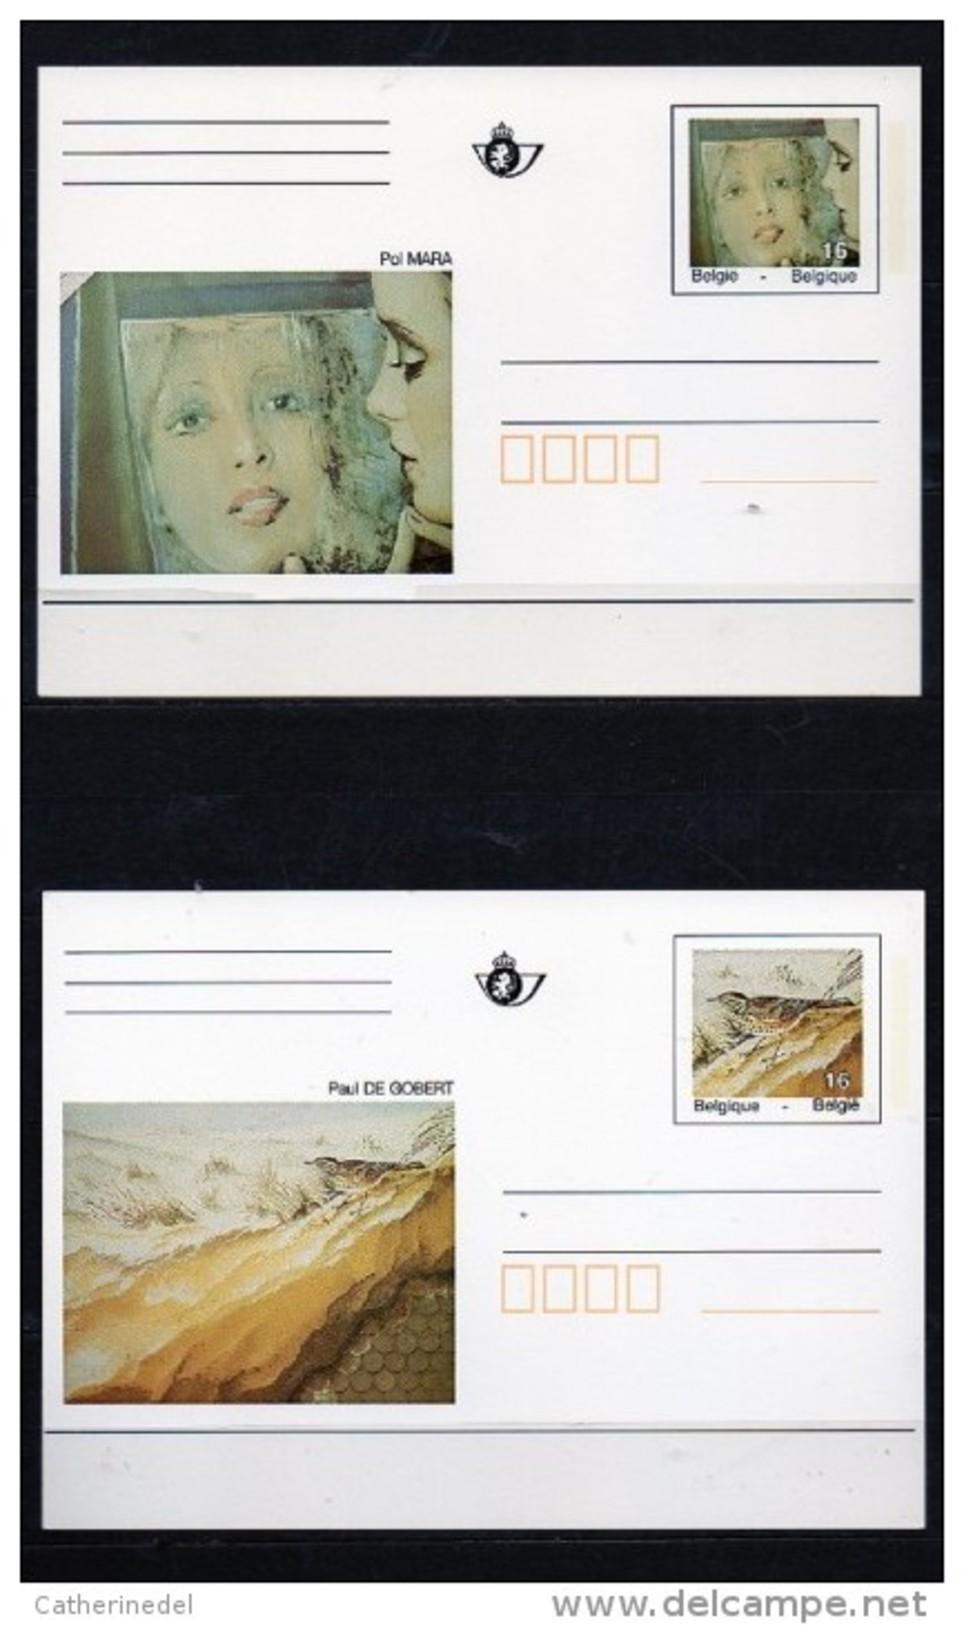 Année 1996 - CA50-CA51/BK50-BK51 - Métro Bruxellois - Entiers Postaux